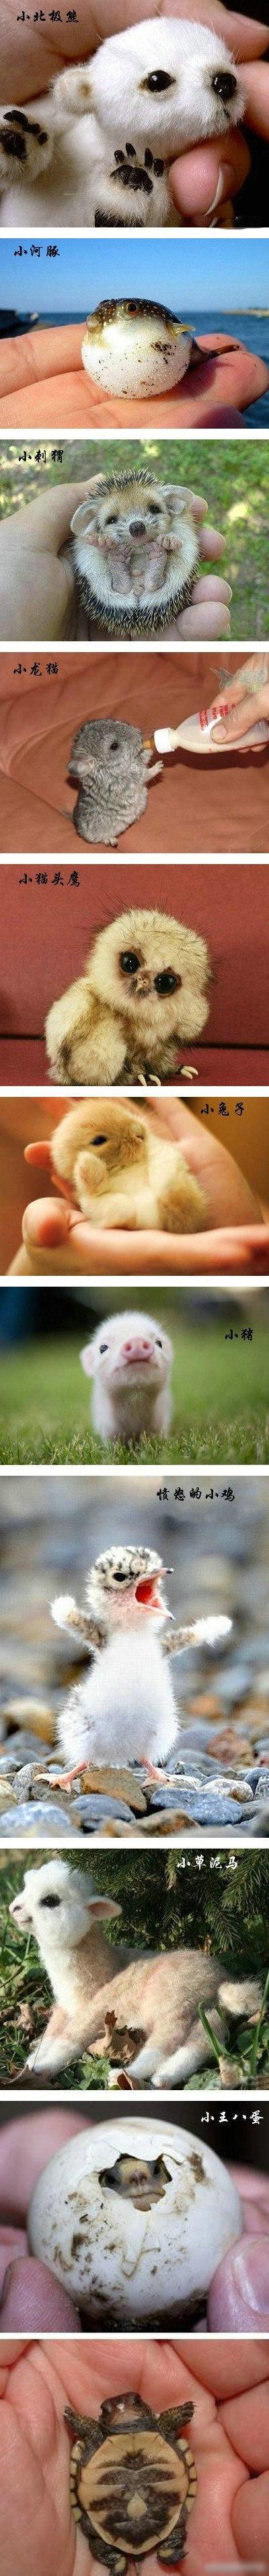 动物刚生出来的样子,你肯定是没见过 !